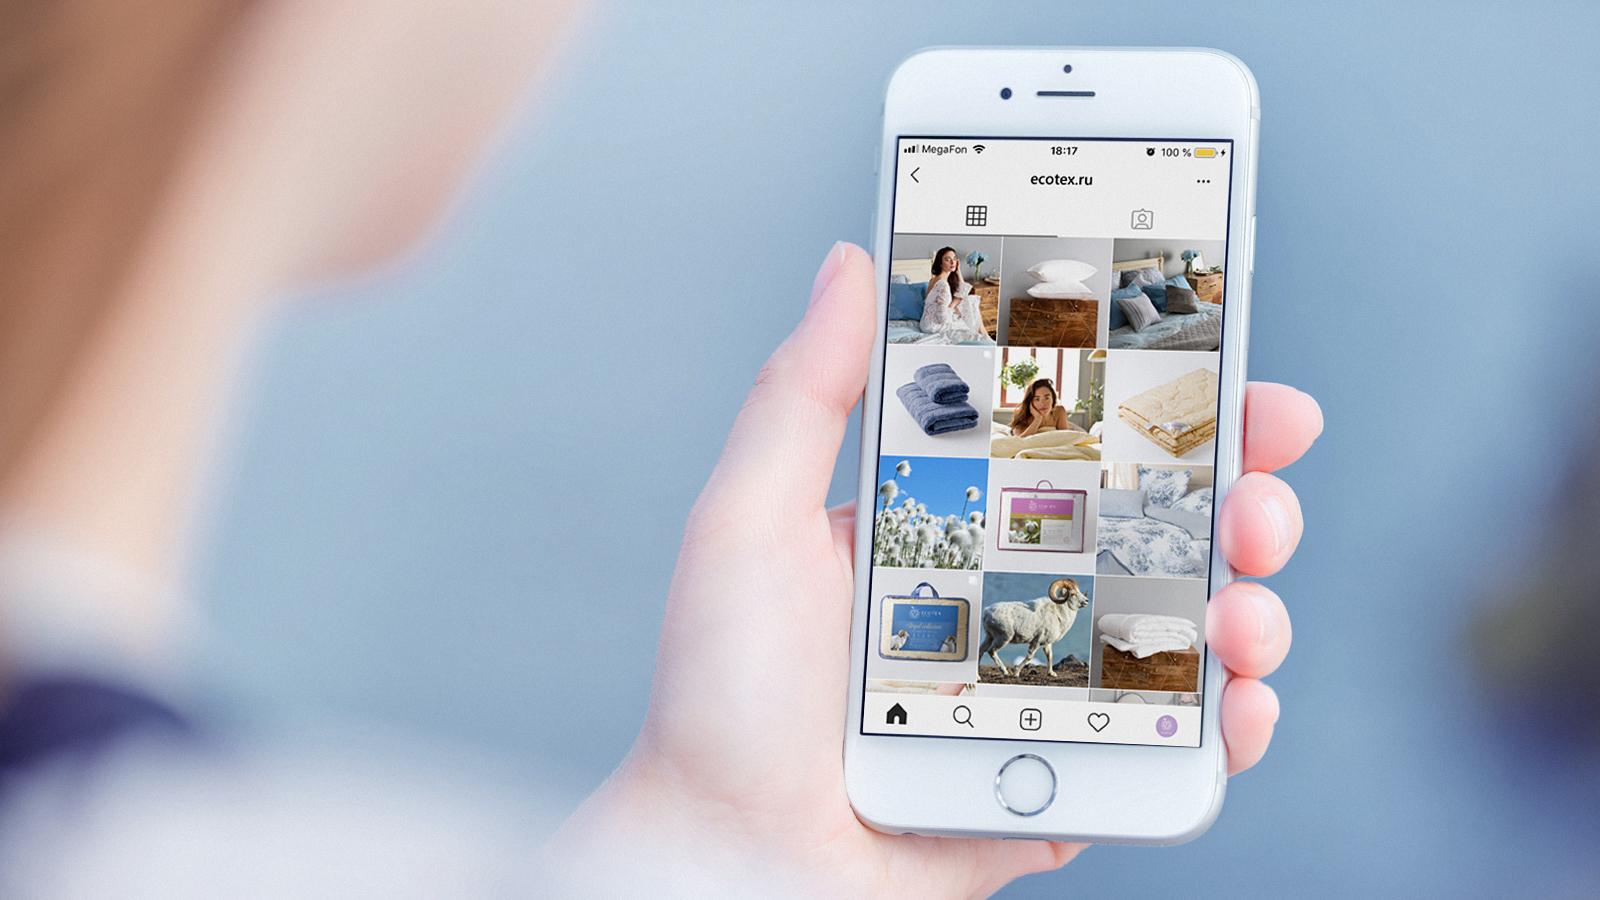 Разработка сайта, мобильного приложения и разработка фирменного стиля в социальных медиа для бренда Экотекс